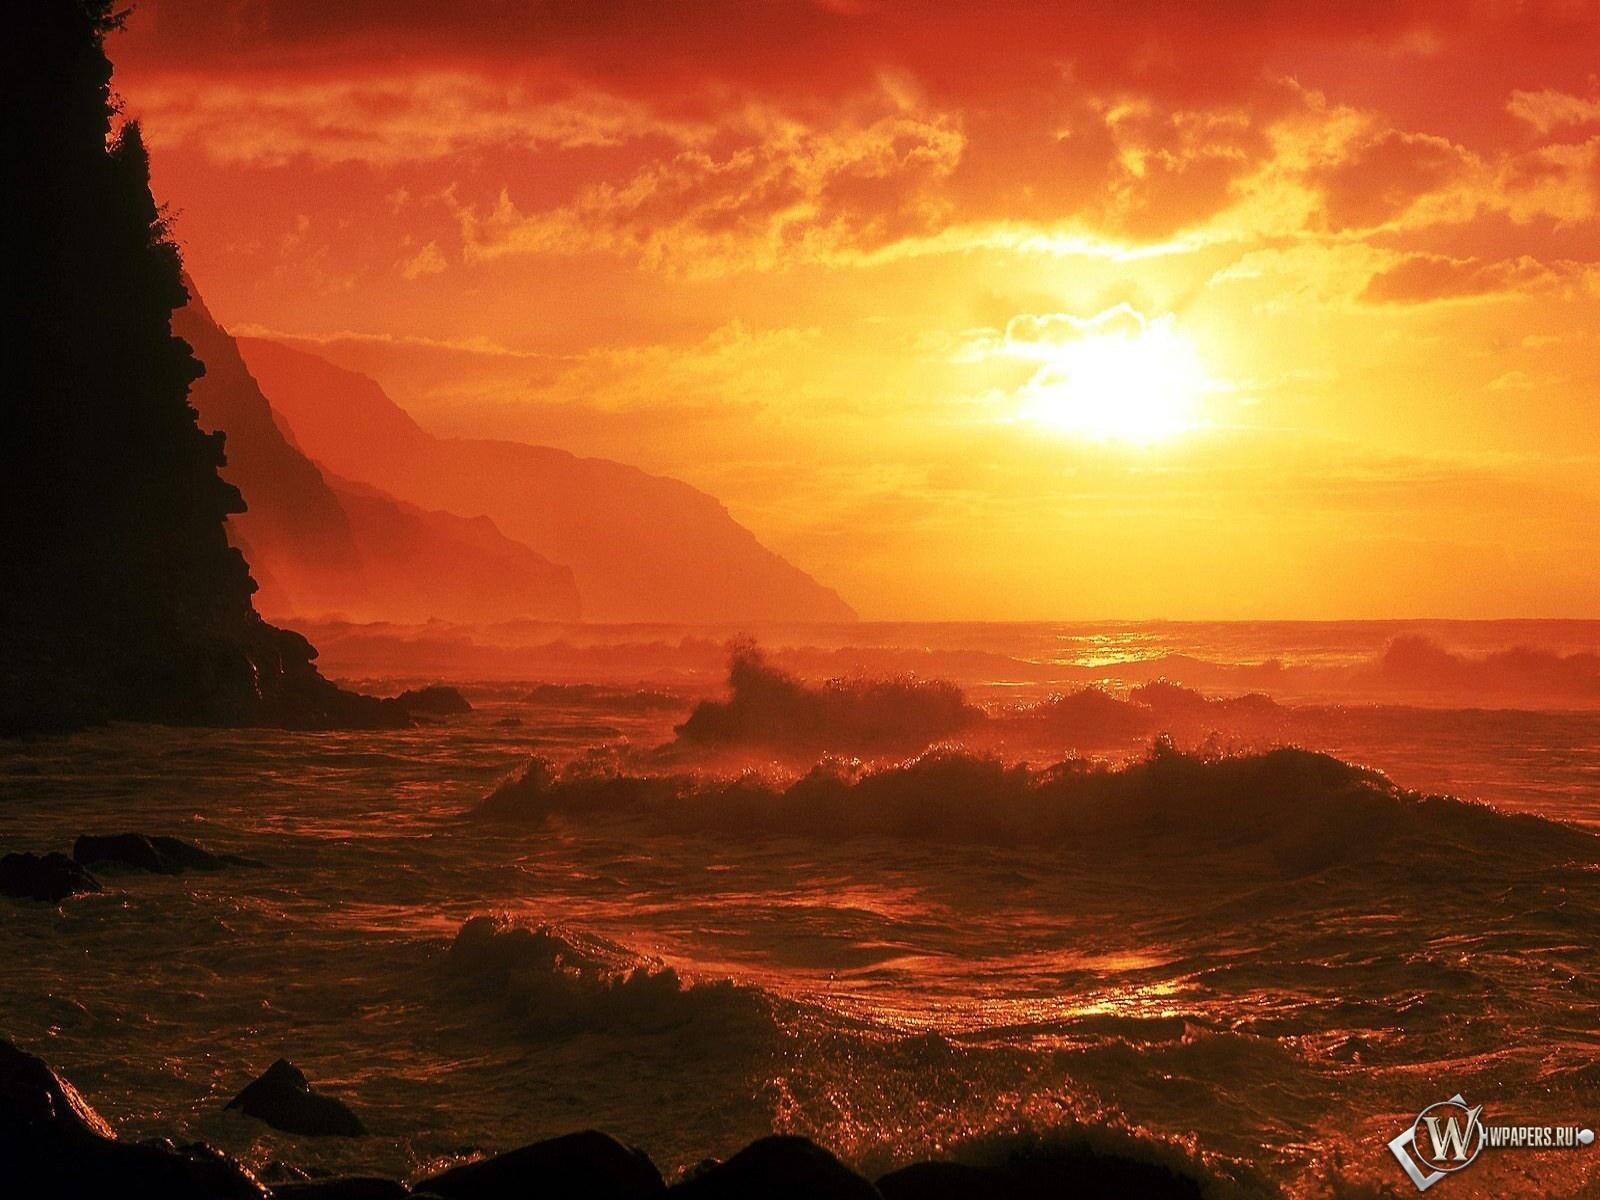 Закат на море 1600x1200